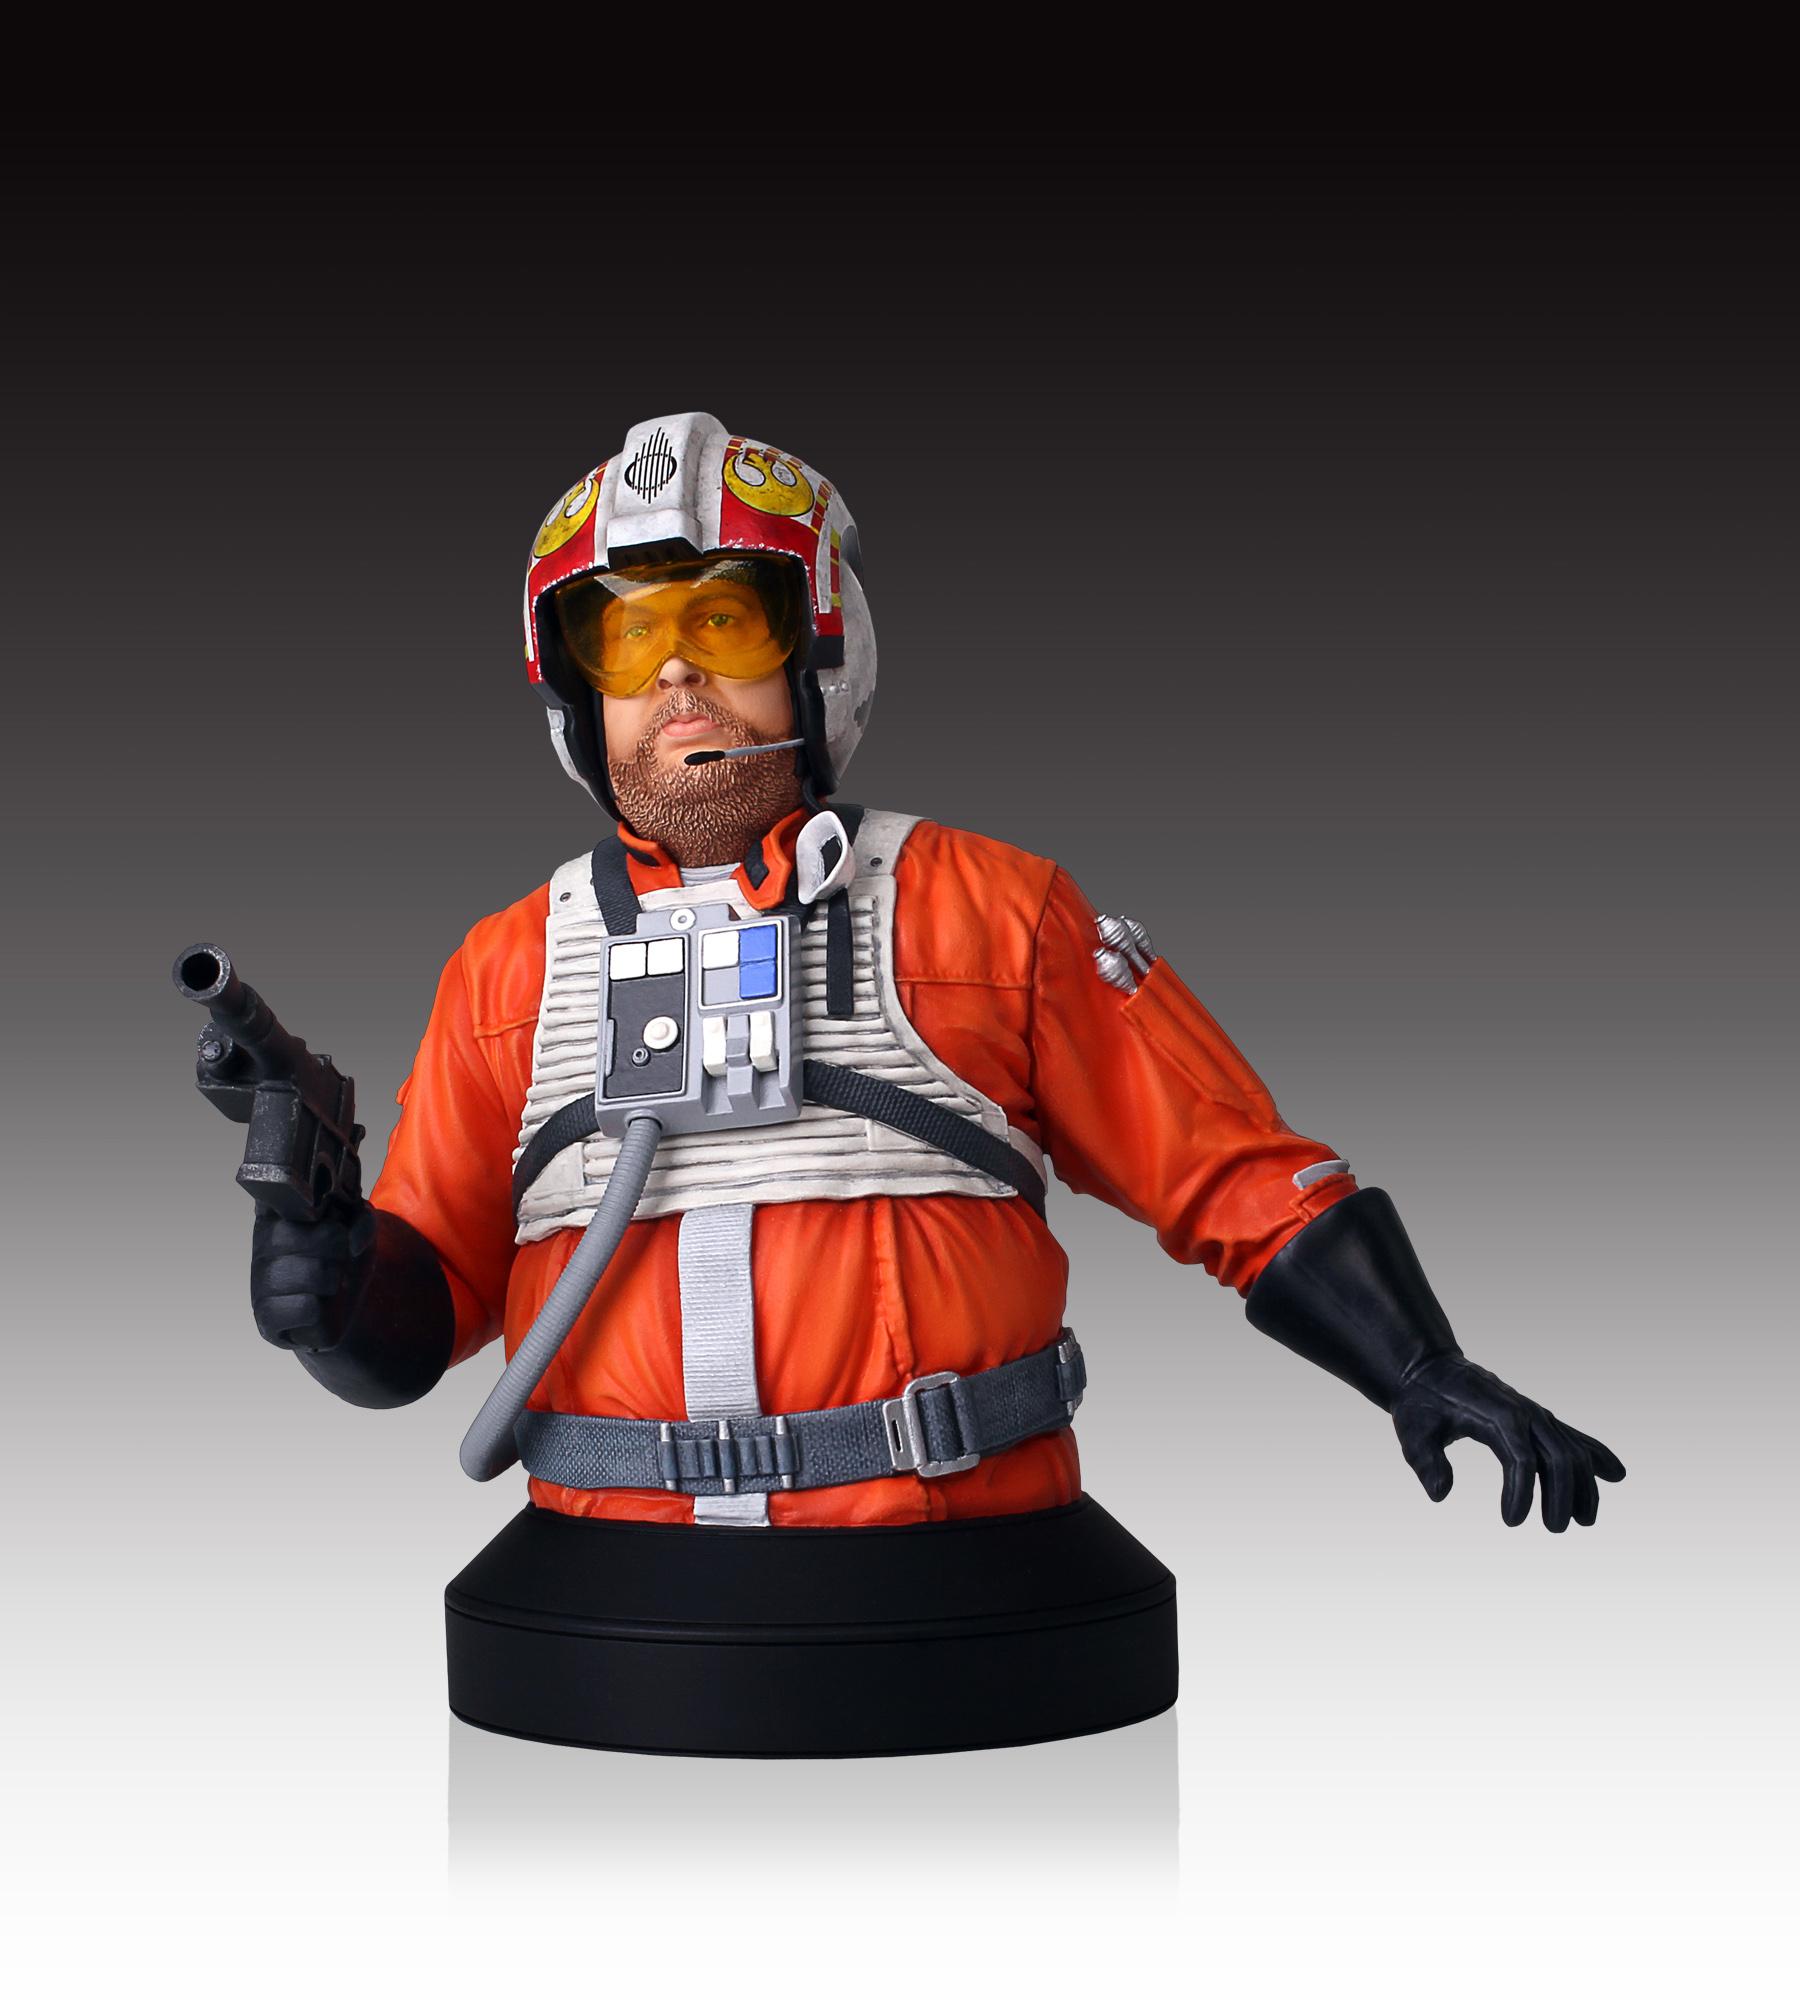 [Gentle Giant] SDCC Exclusive Star Wars Jek Porkins Mini Bust SDCC-Exclusive-Star-Wars-Jek-Porkins-Mini-Bust-001